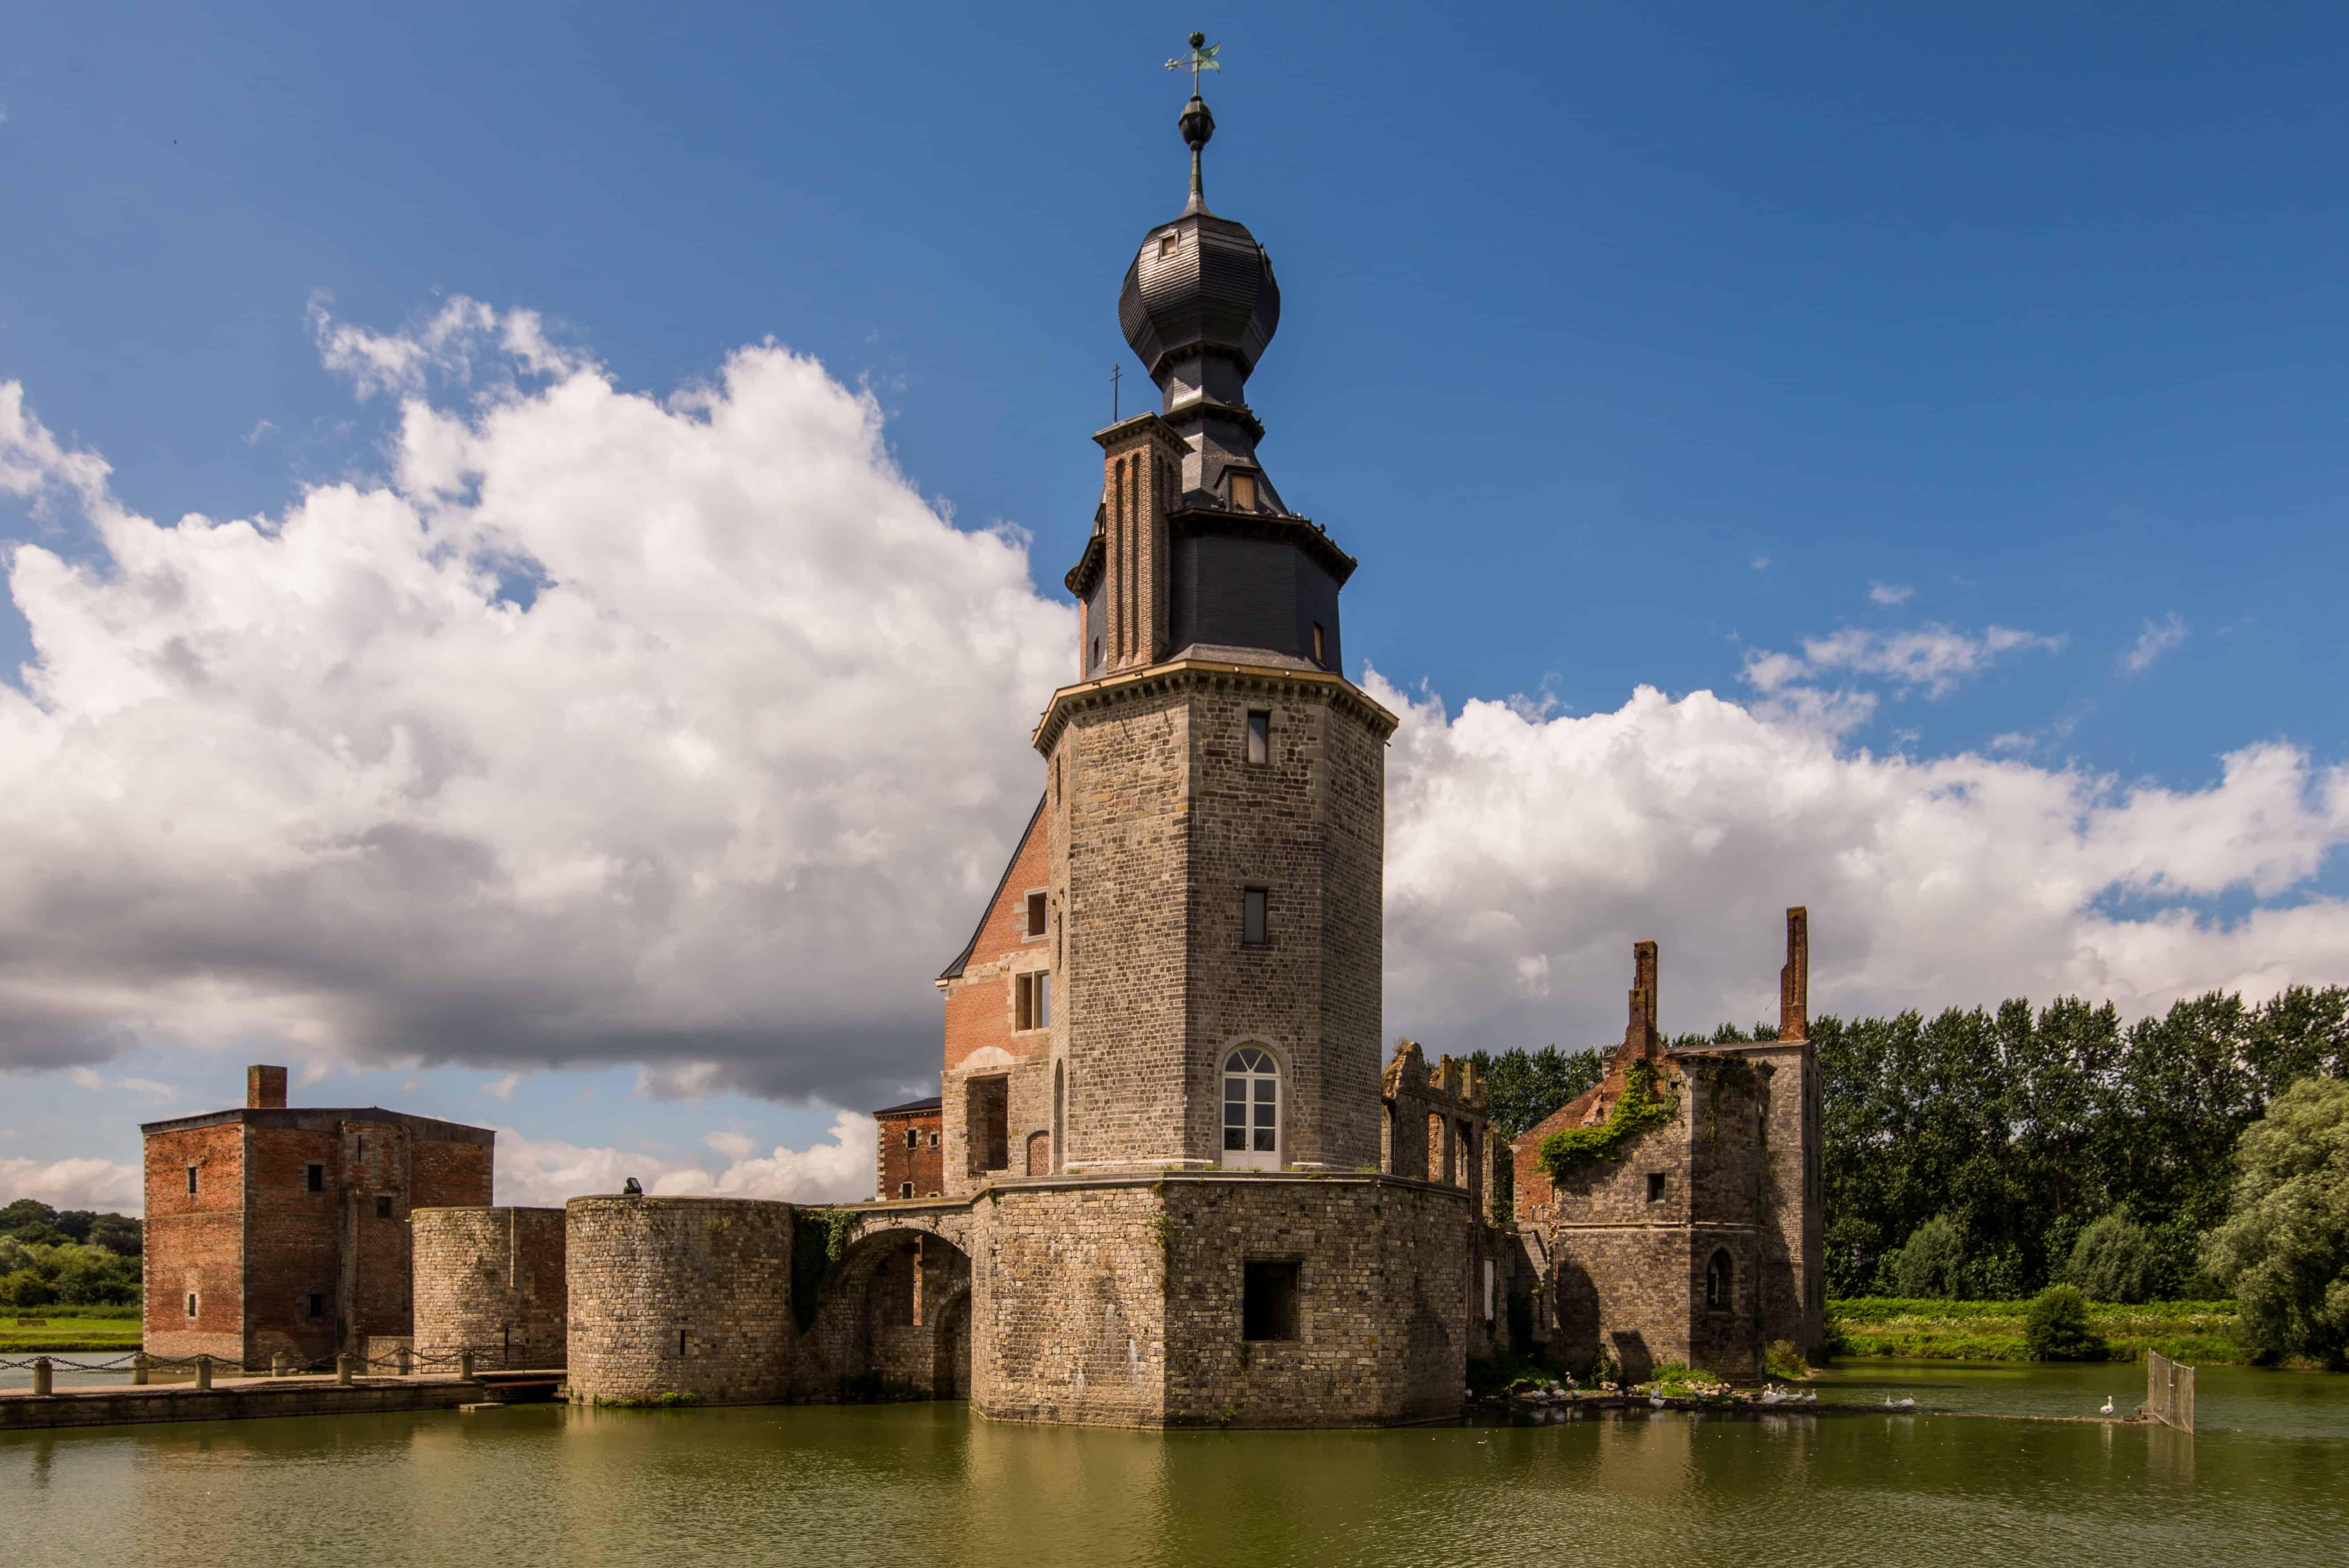 castle of Havré